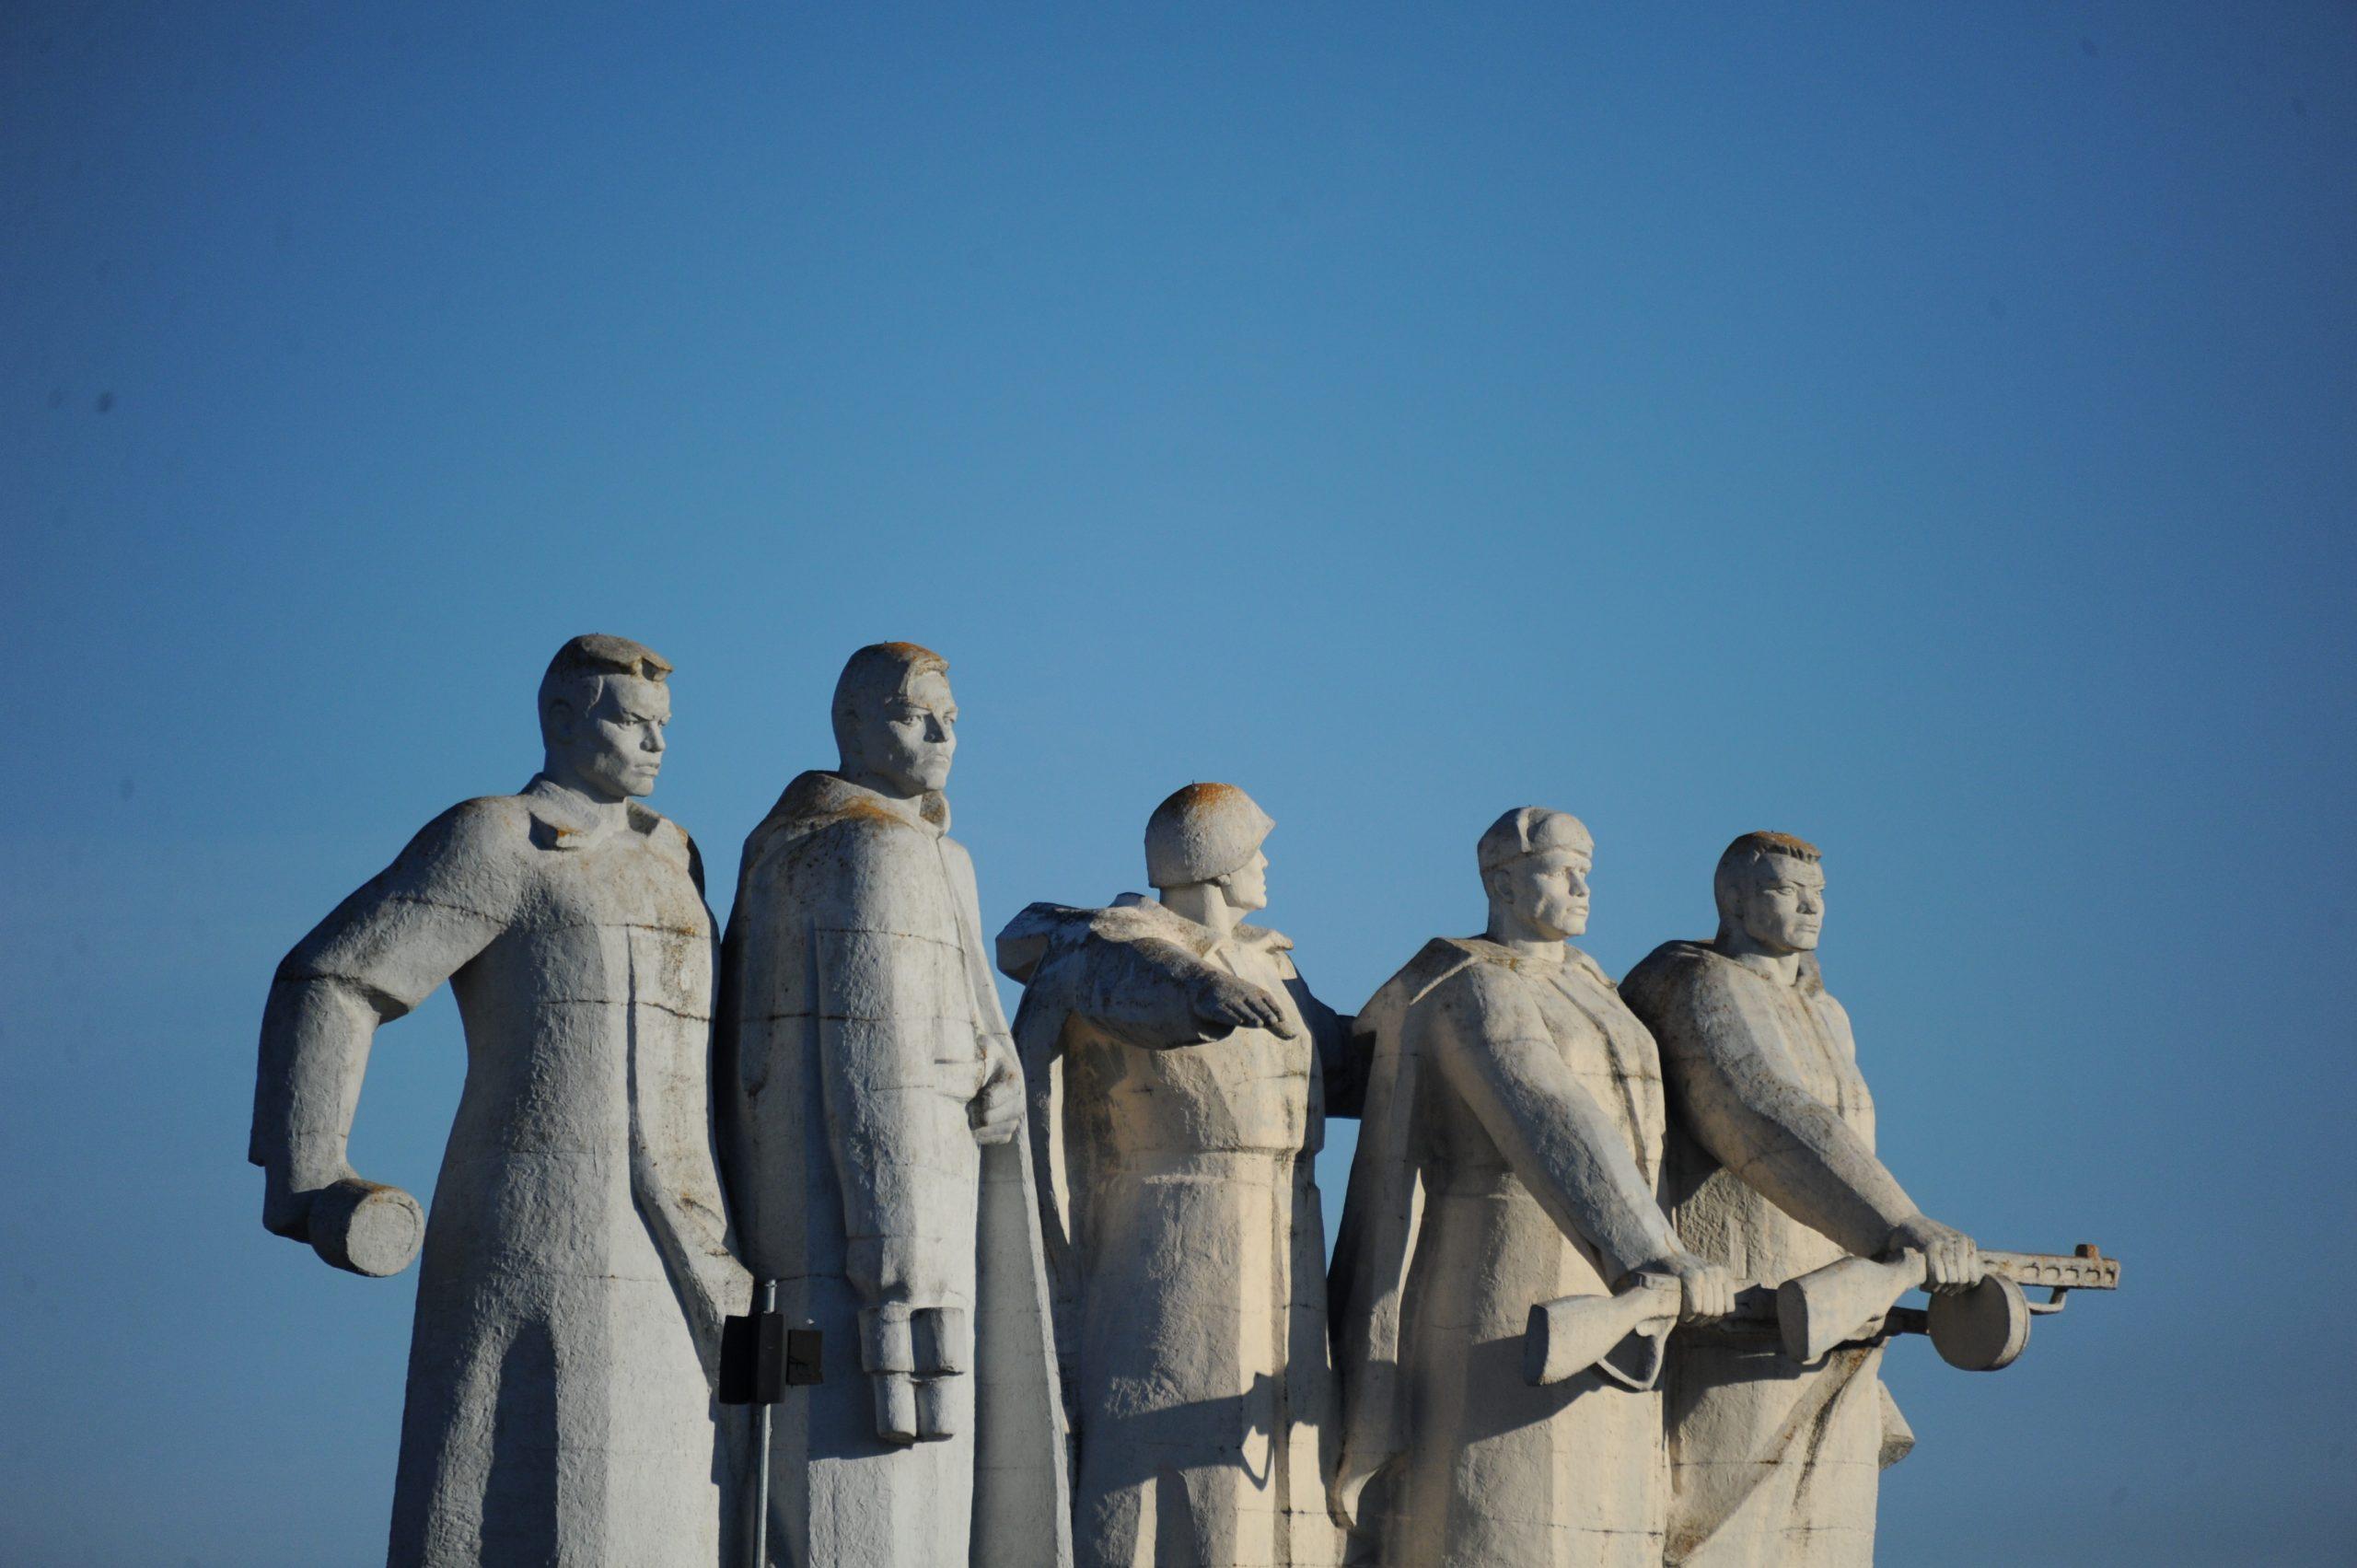 Учреждения культуры столицы подготовили онлайн-программу к 23 февраля